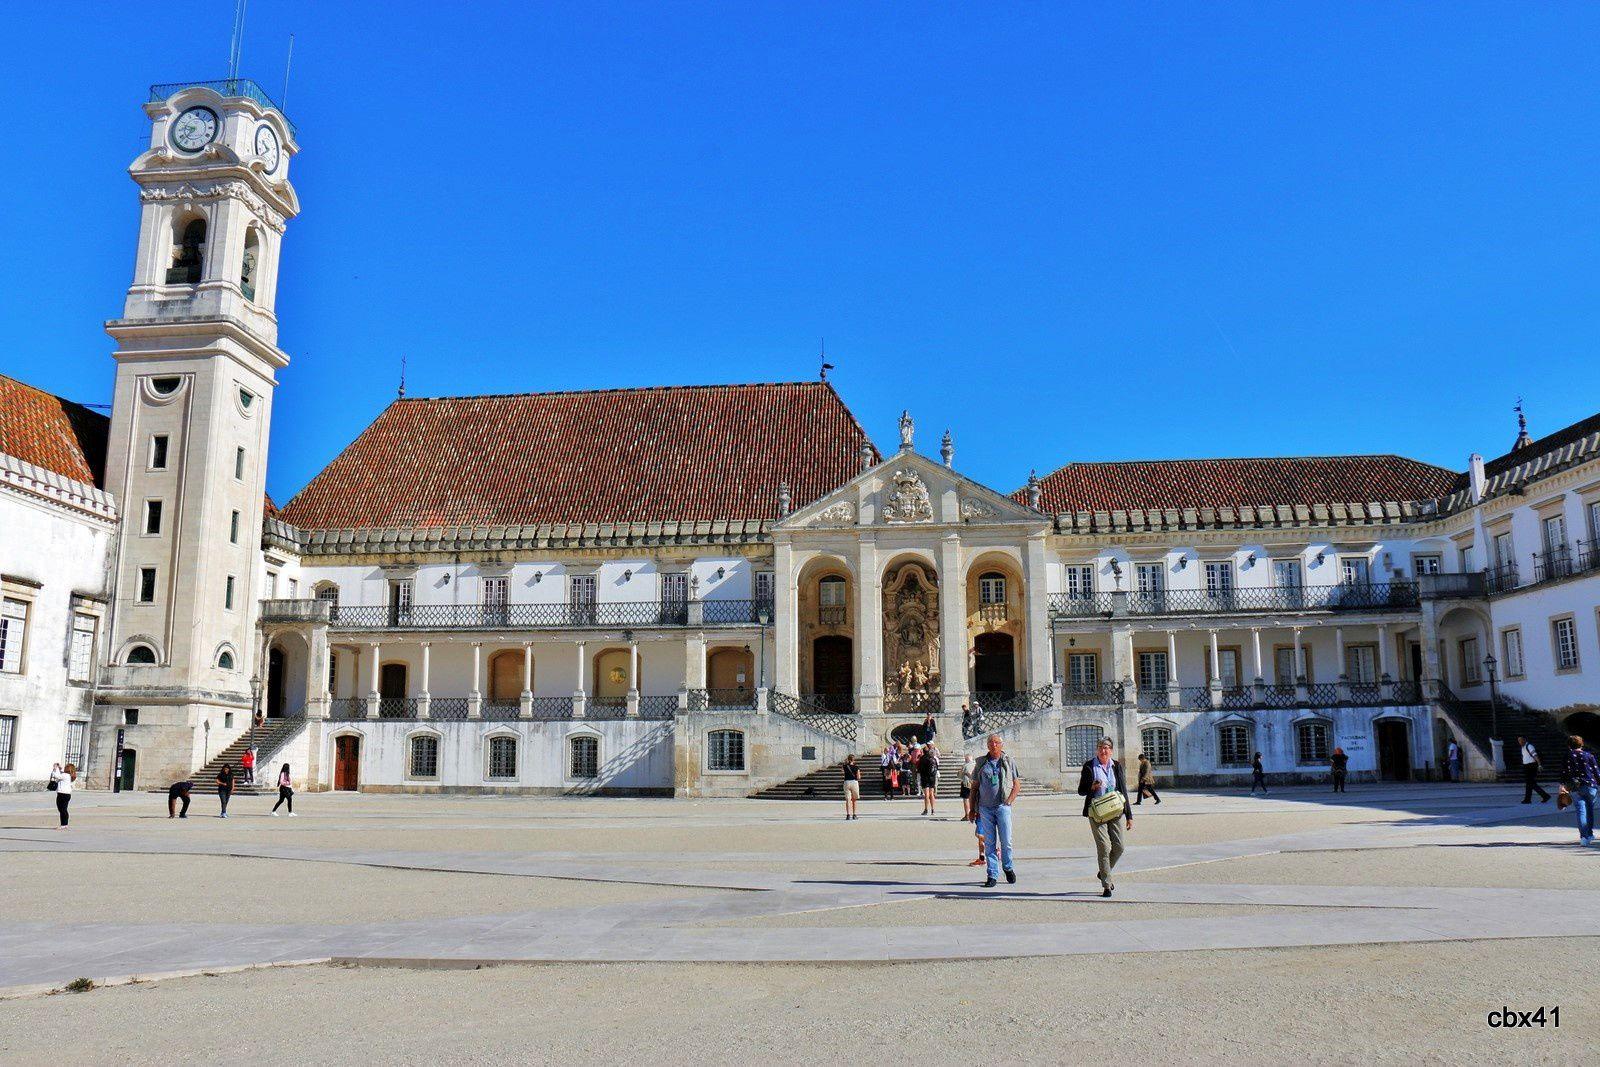 La Tour dans la cour de l'Université de Coimbra (Portugal)